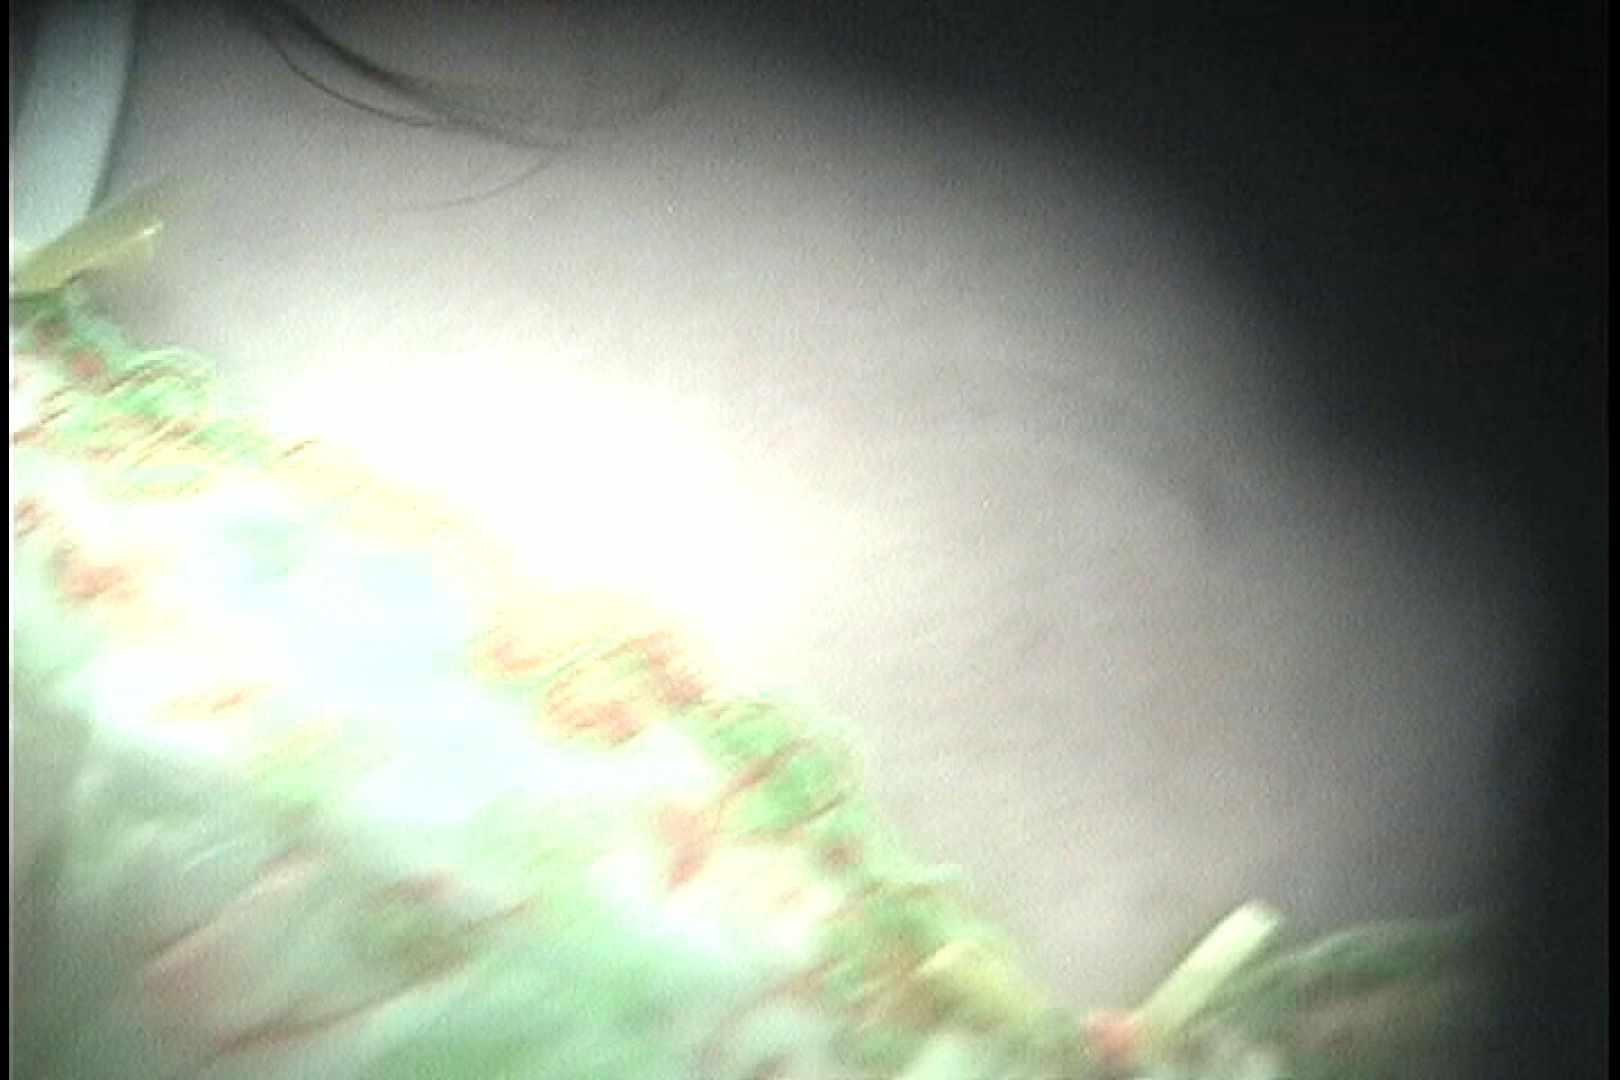 No.24 ビキニの割には陰毛は獰猛、ハミ毛が心配 シャワー  72pic 63